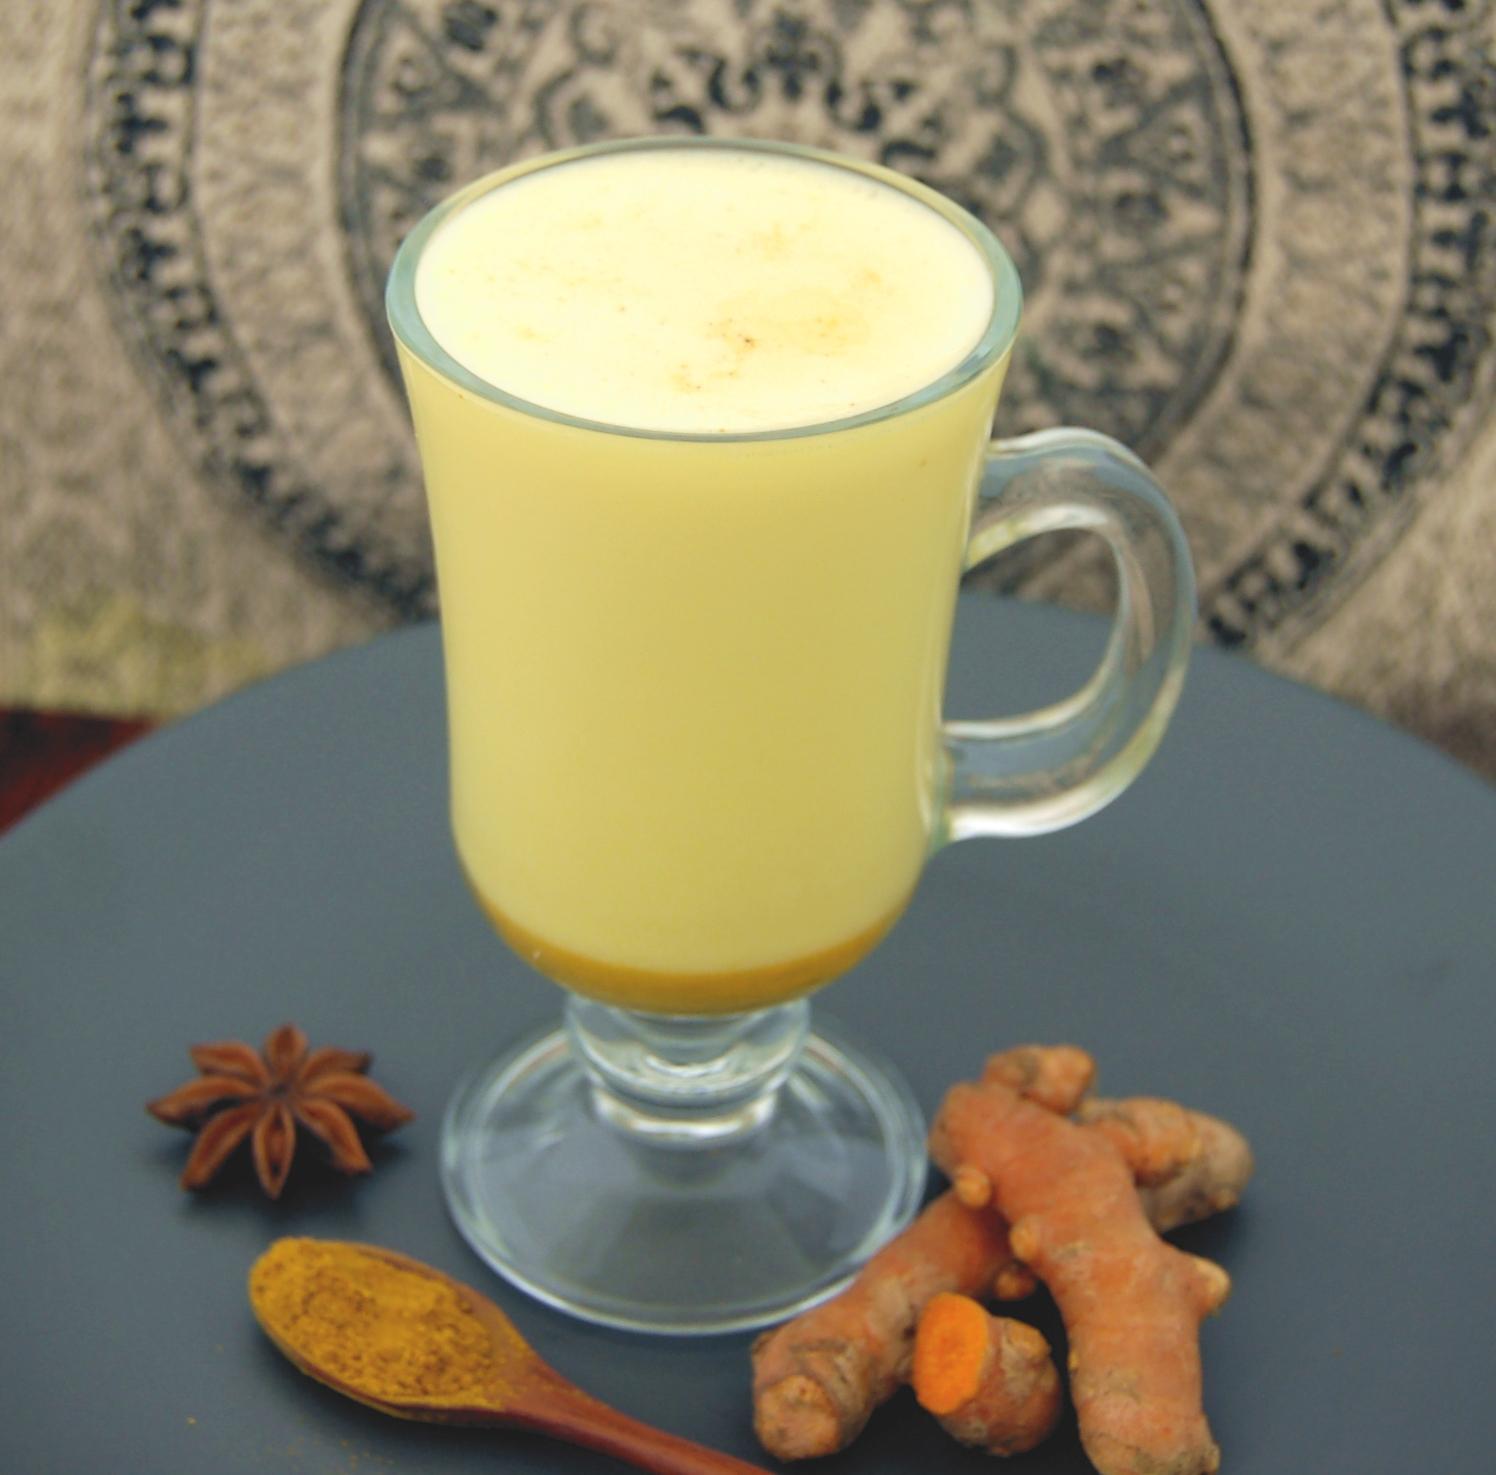 Healing Turmeric Golden Milk - COMING SOON!